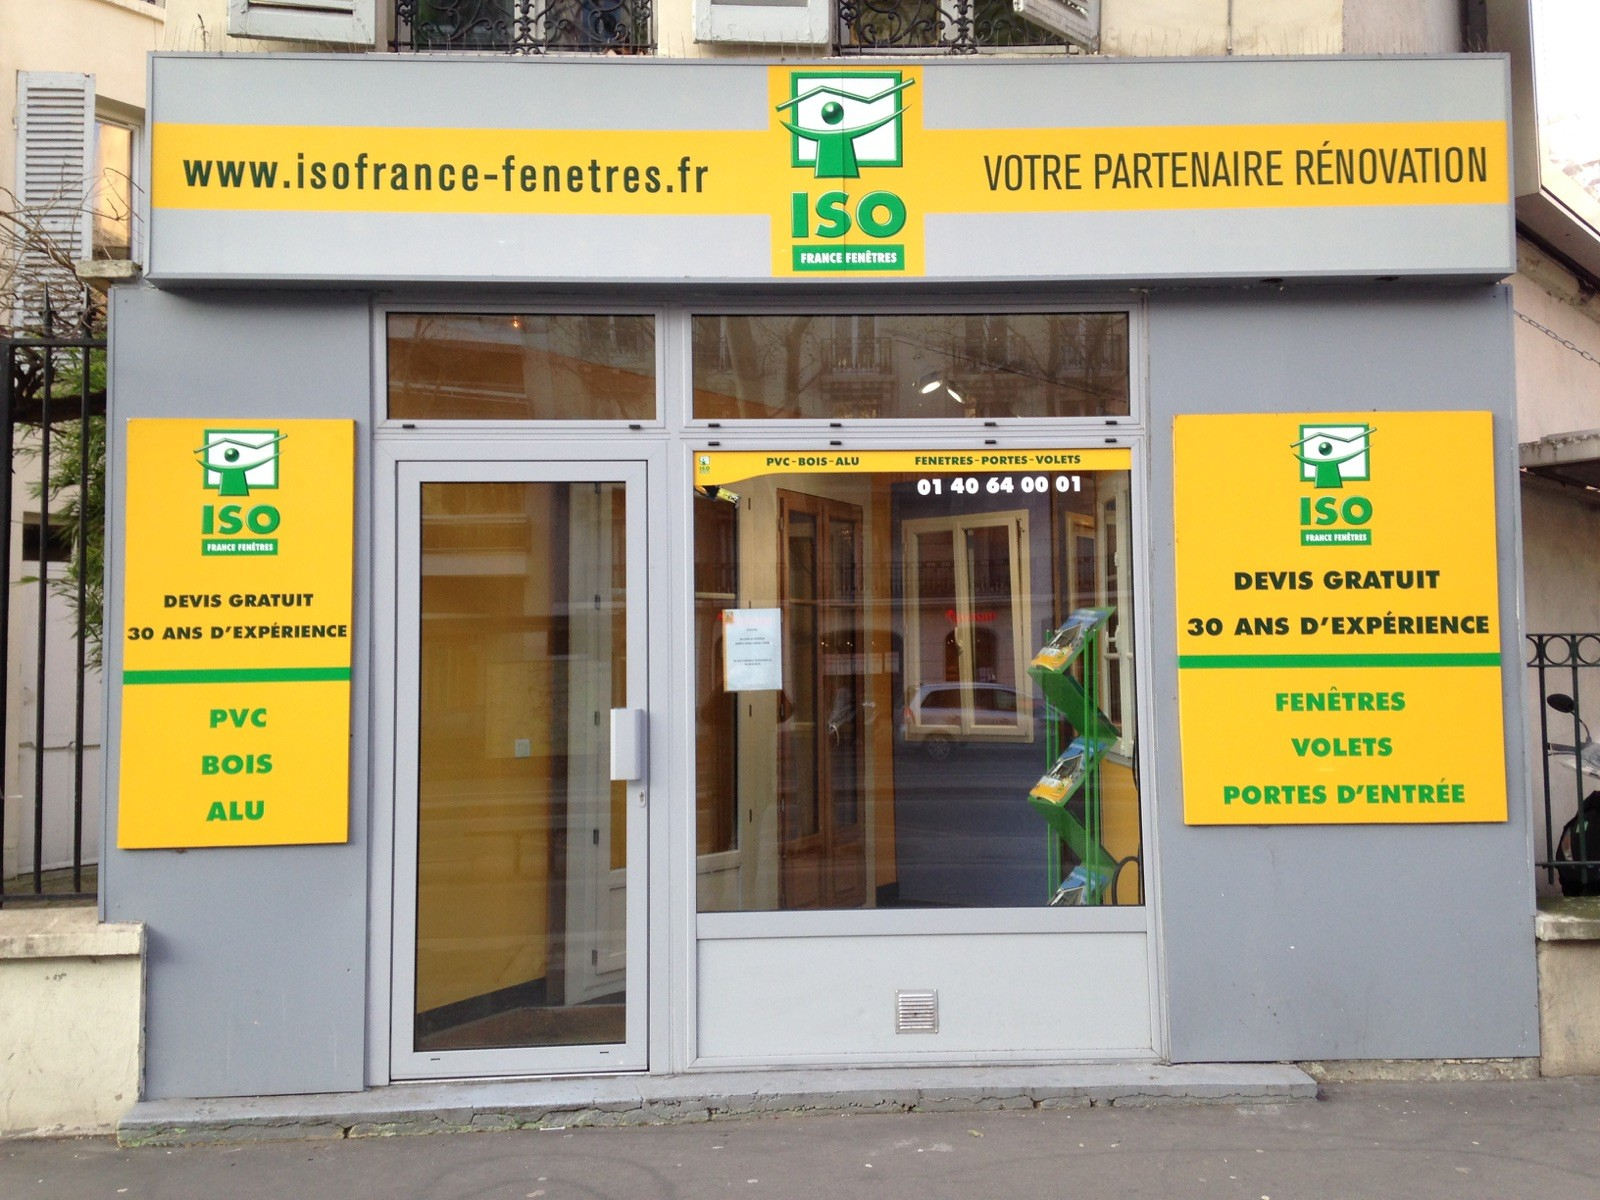 ISOFRANCE Fenêtres & Energie - PARIS 14ème - qui-sommes-nous-